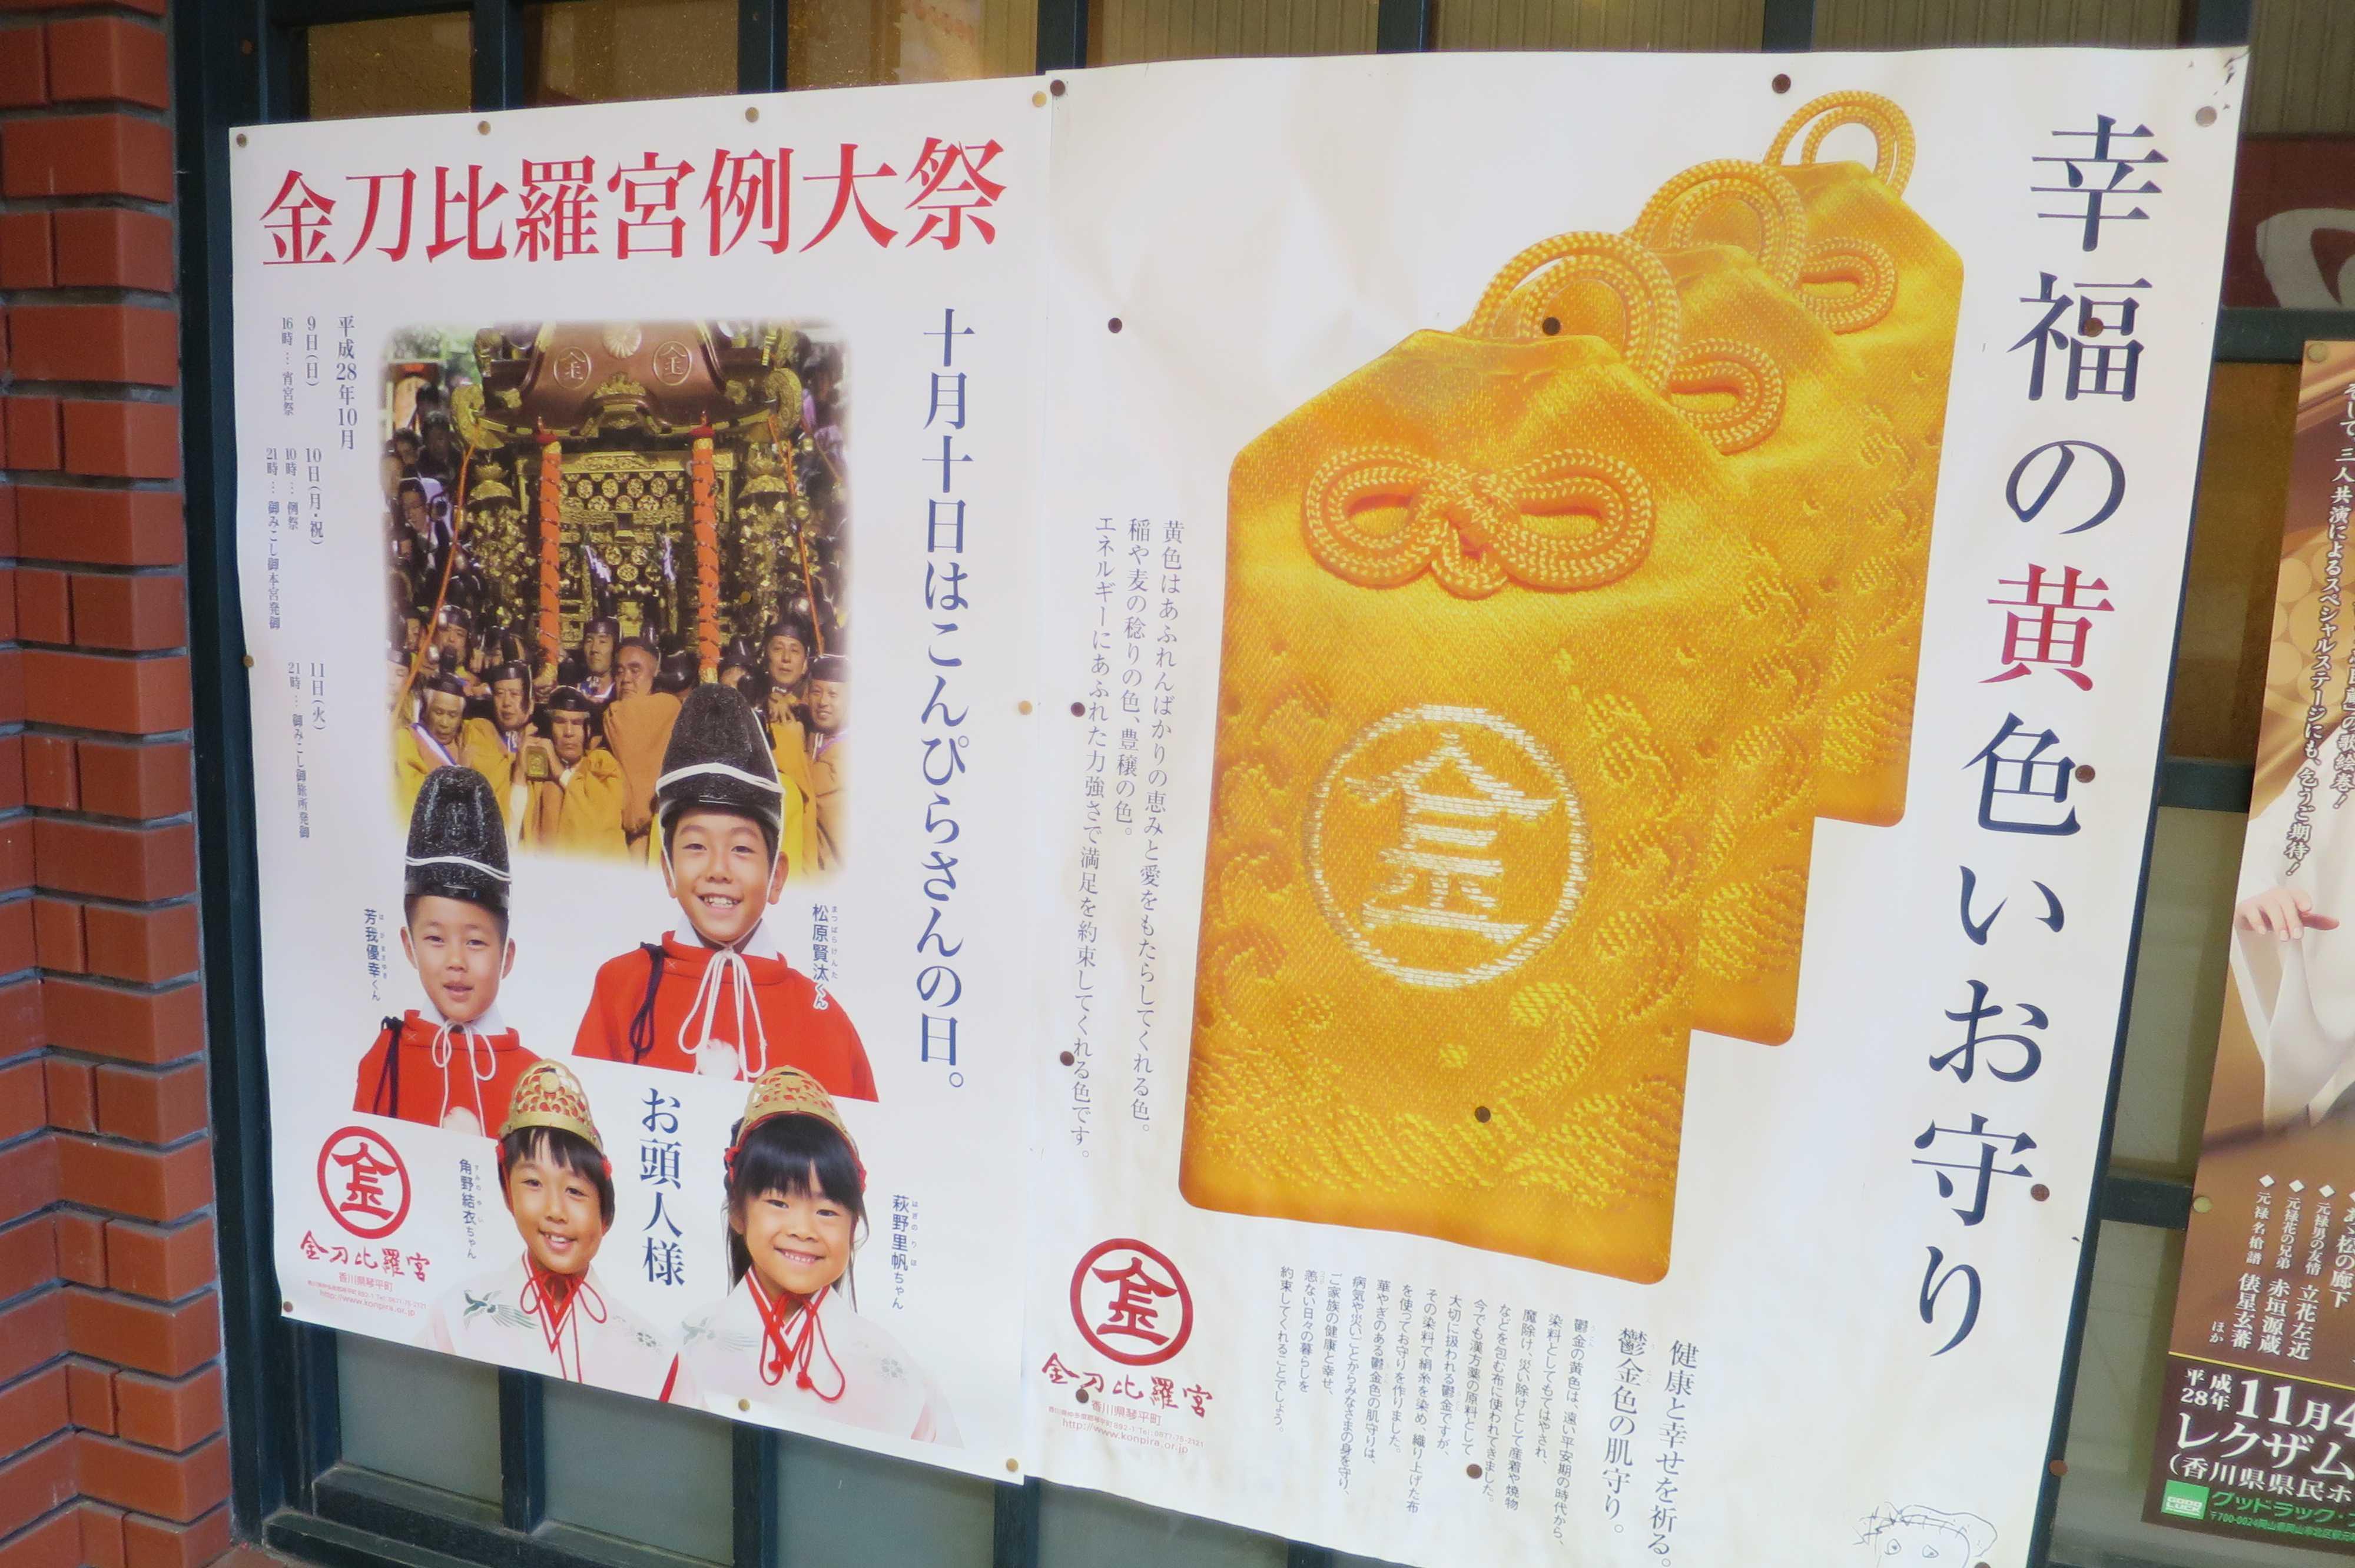 金刀比羅宮のお頭人様と幸福の黄色いお守りのポスター